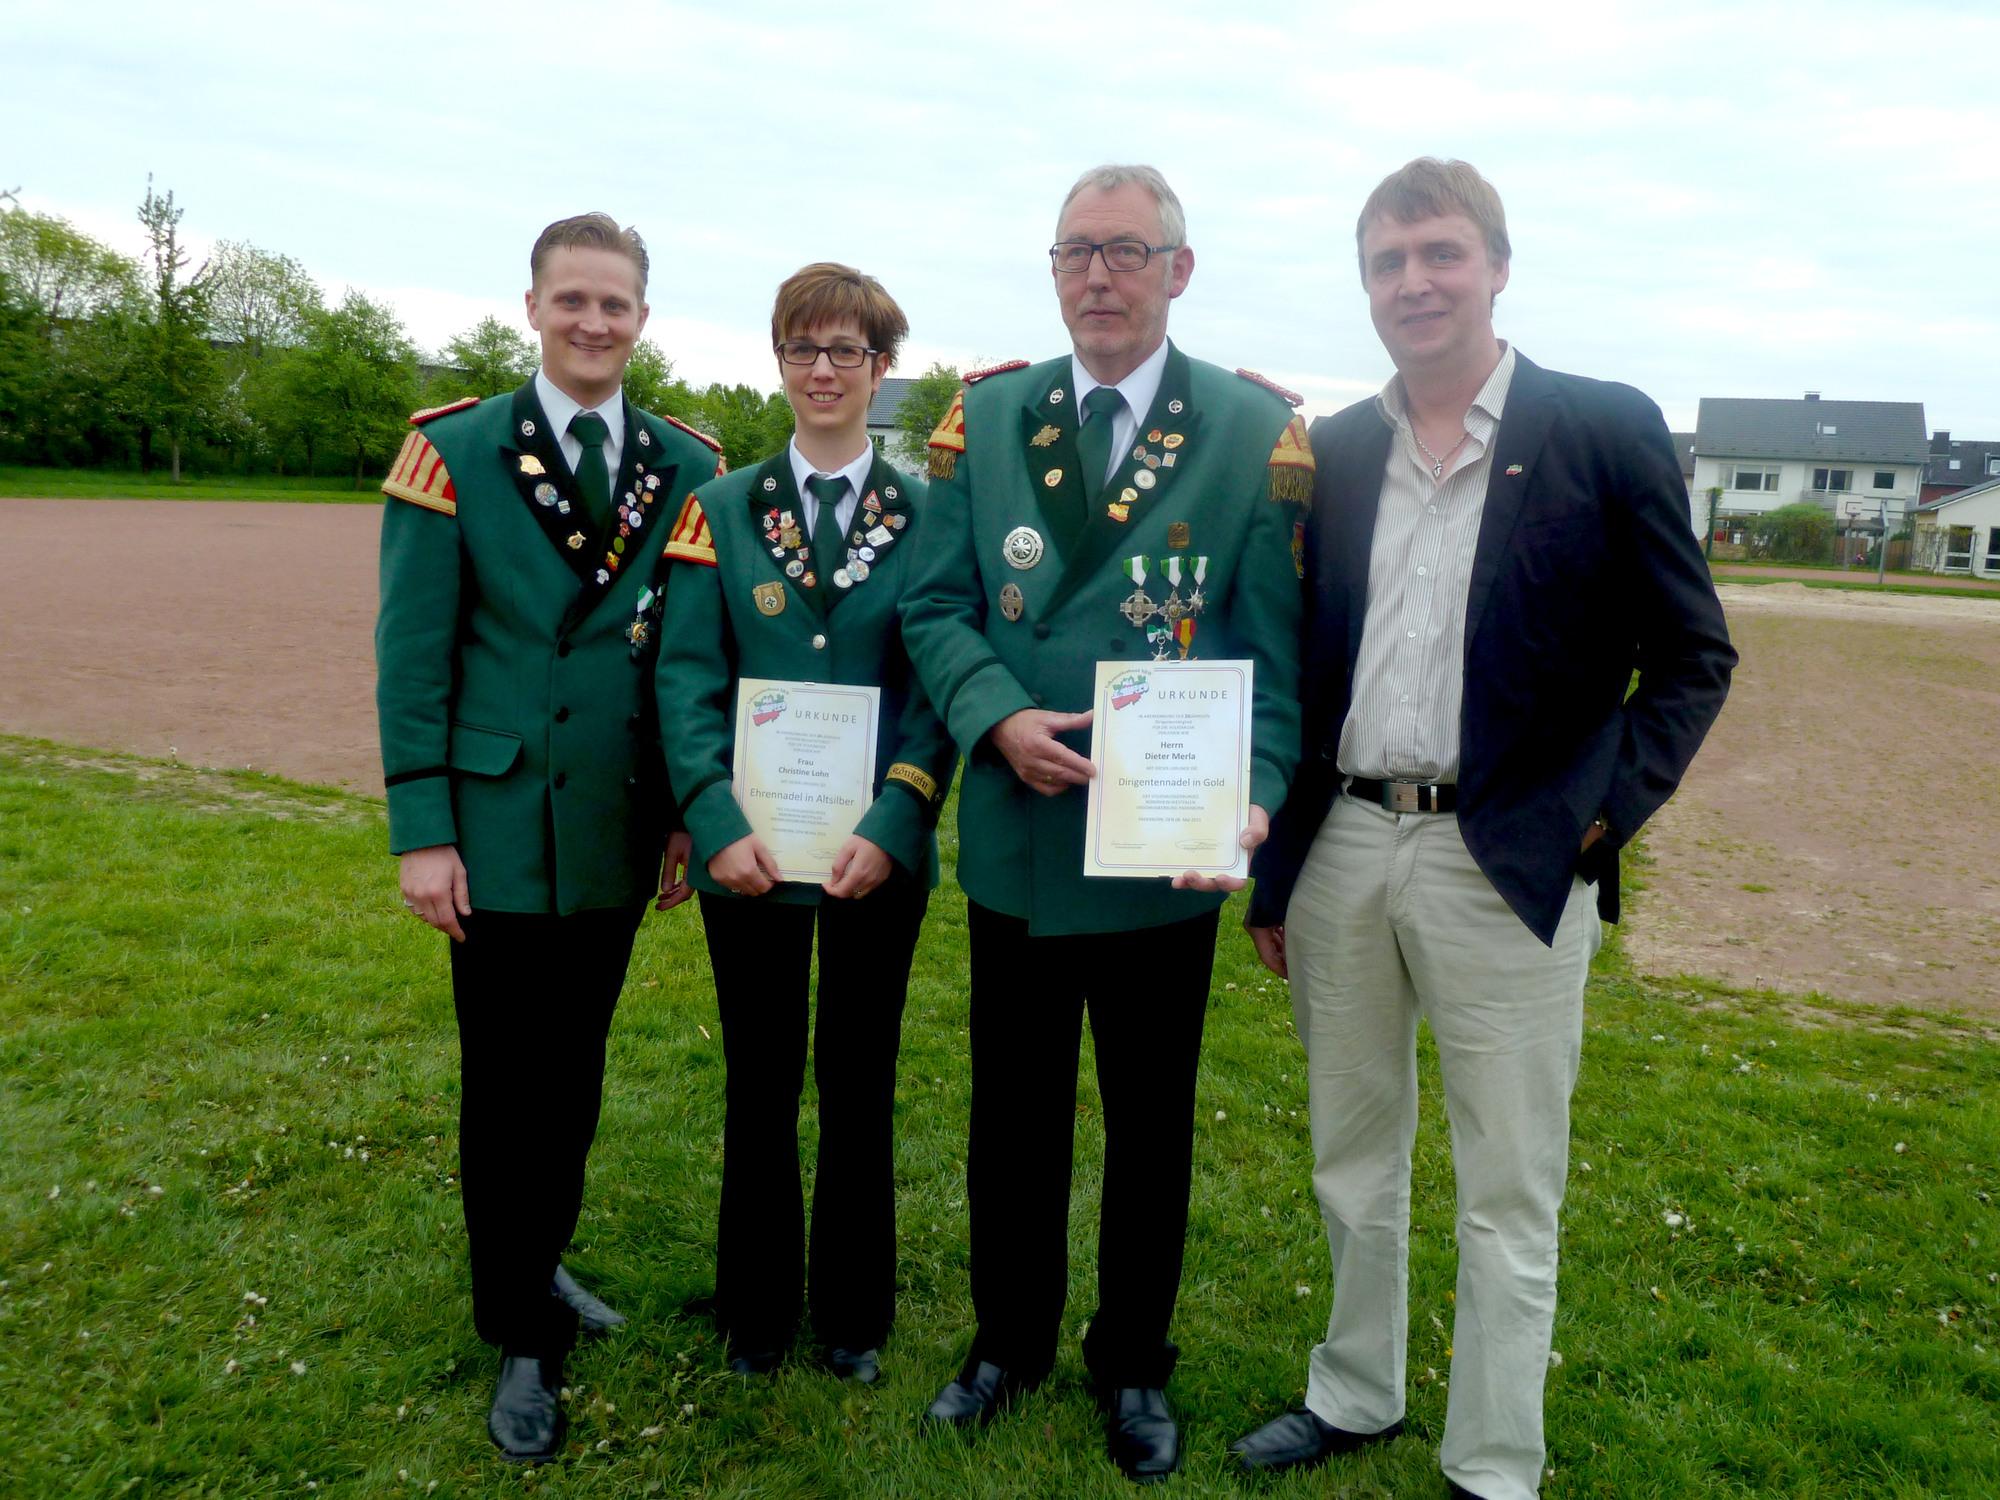 Guido Brand, Christine Lohn, Dieter Merla, Jürgen Fecke